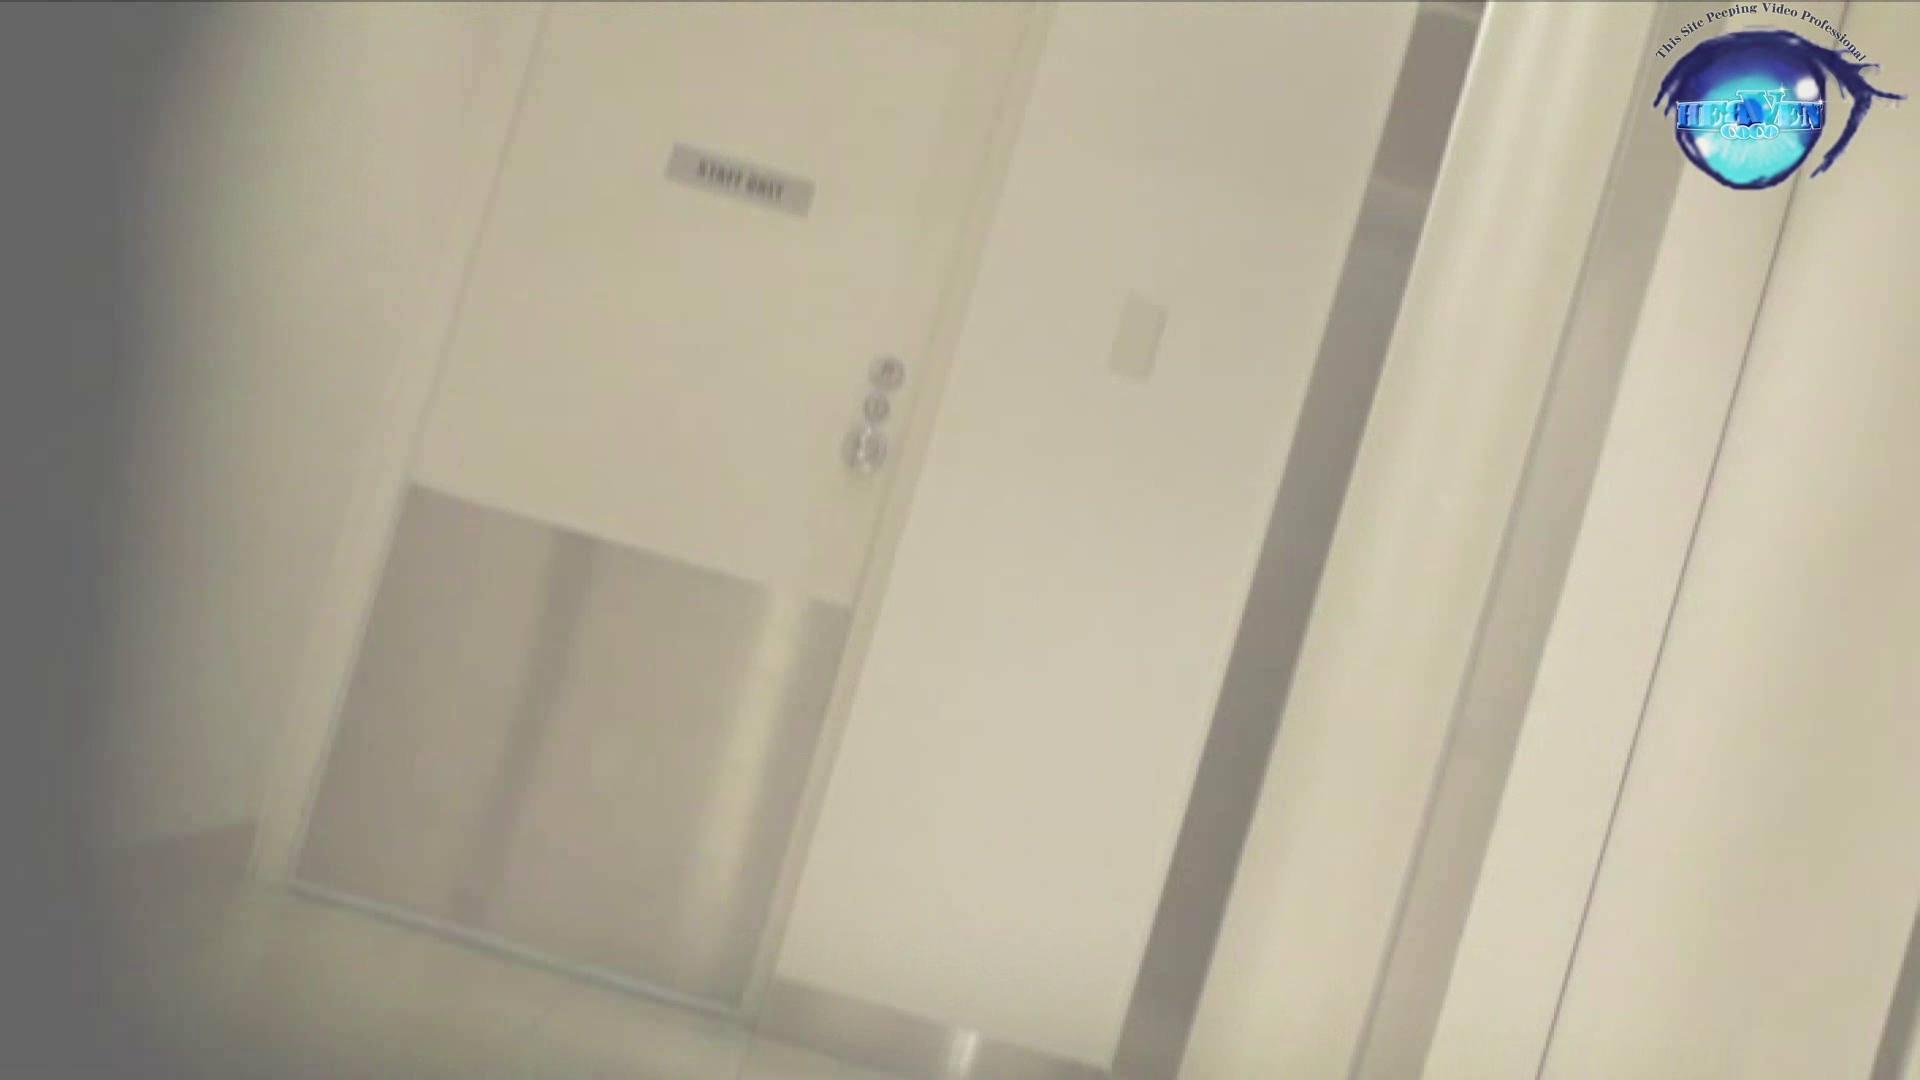 飛び出す黄金水!!!アトレ潜入 かわや盗撮 vol.07 潜入 オマンコ無修正動画無料 113PIX 27